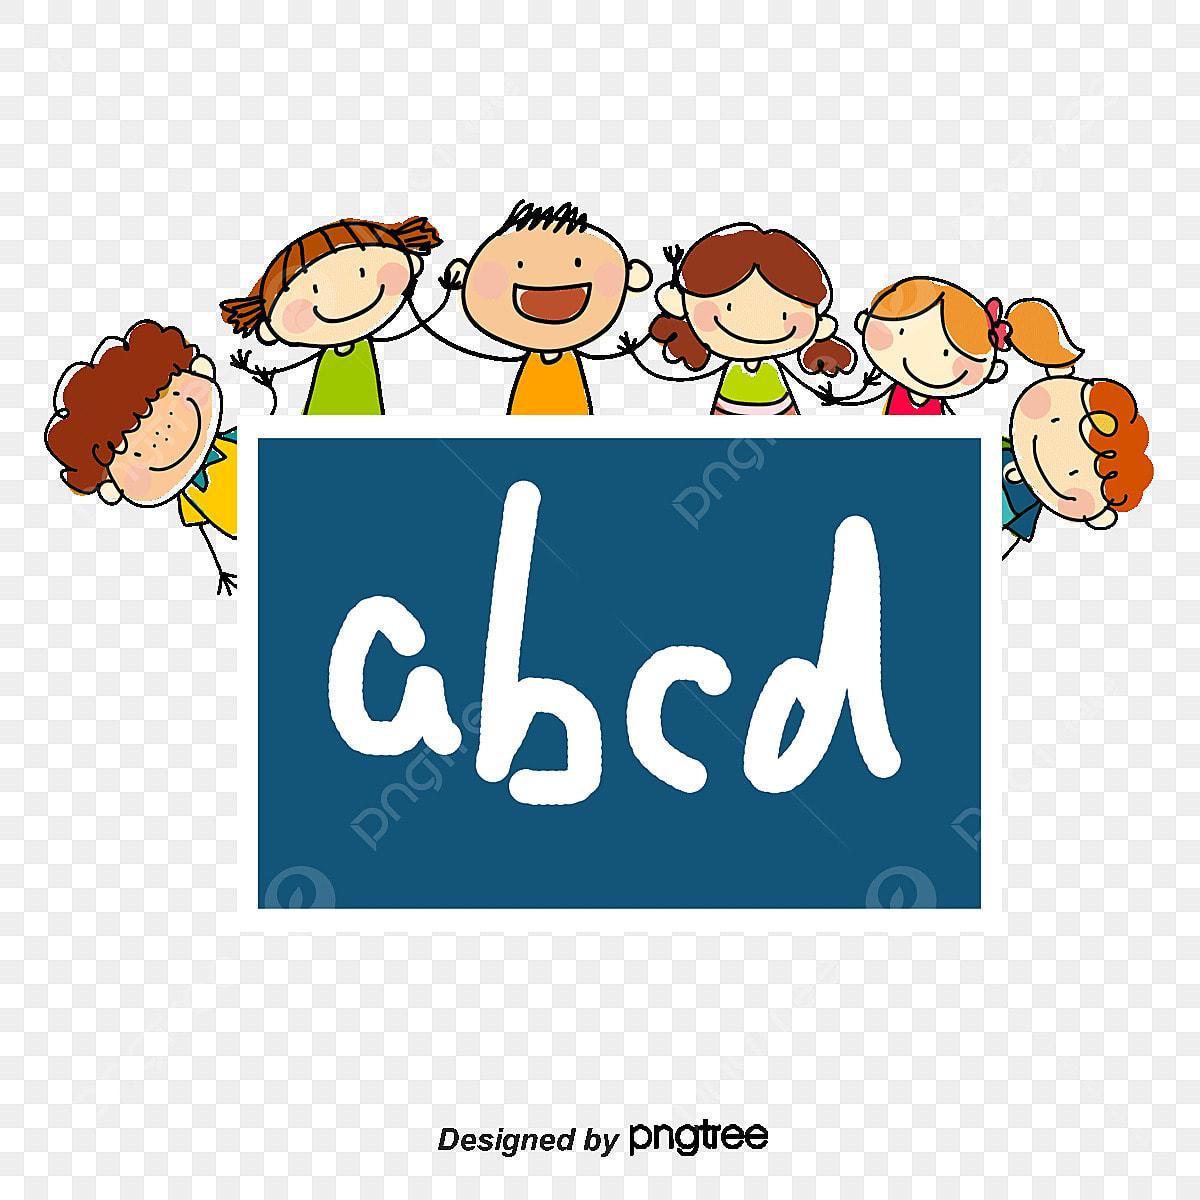 可愛い漫画の楽しみは児童のイラストのピクチャーを学ぶ 可愛い漫画の